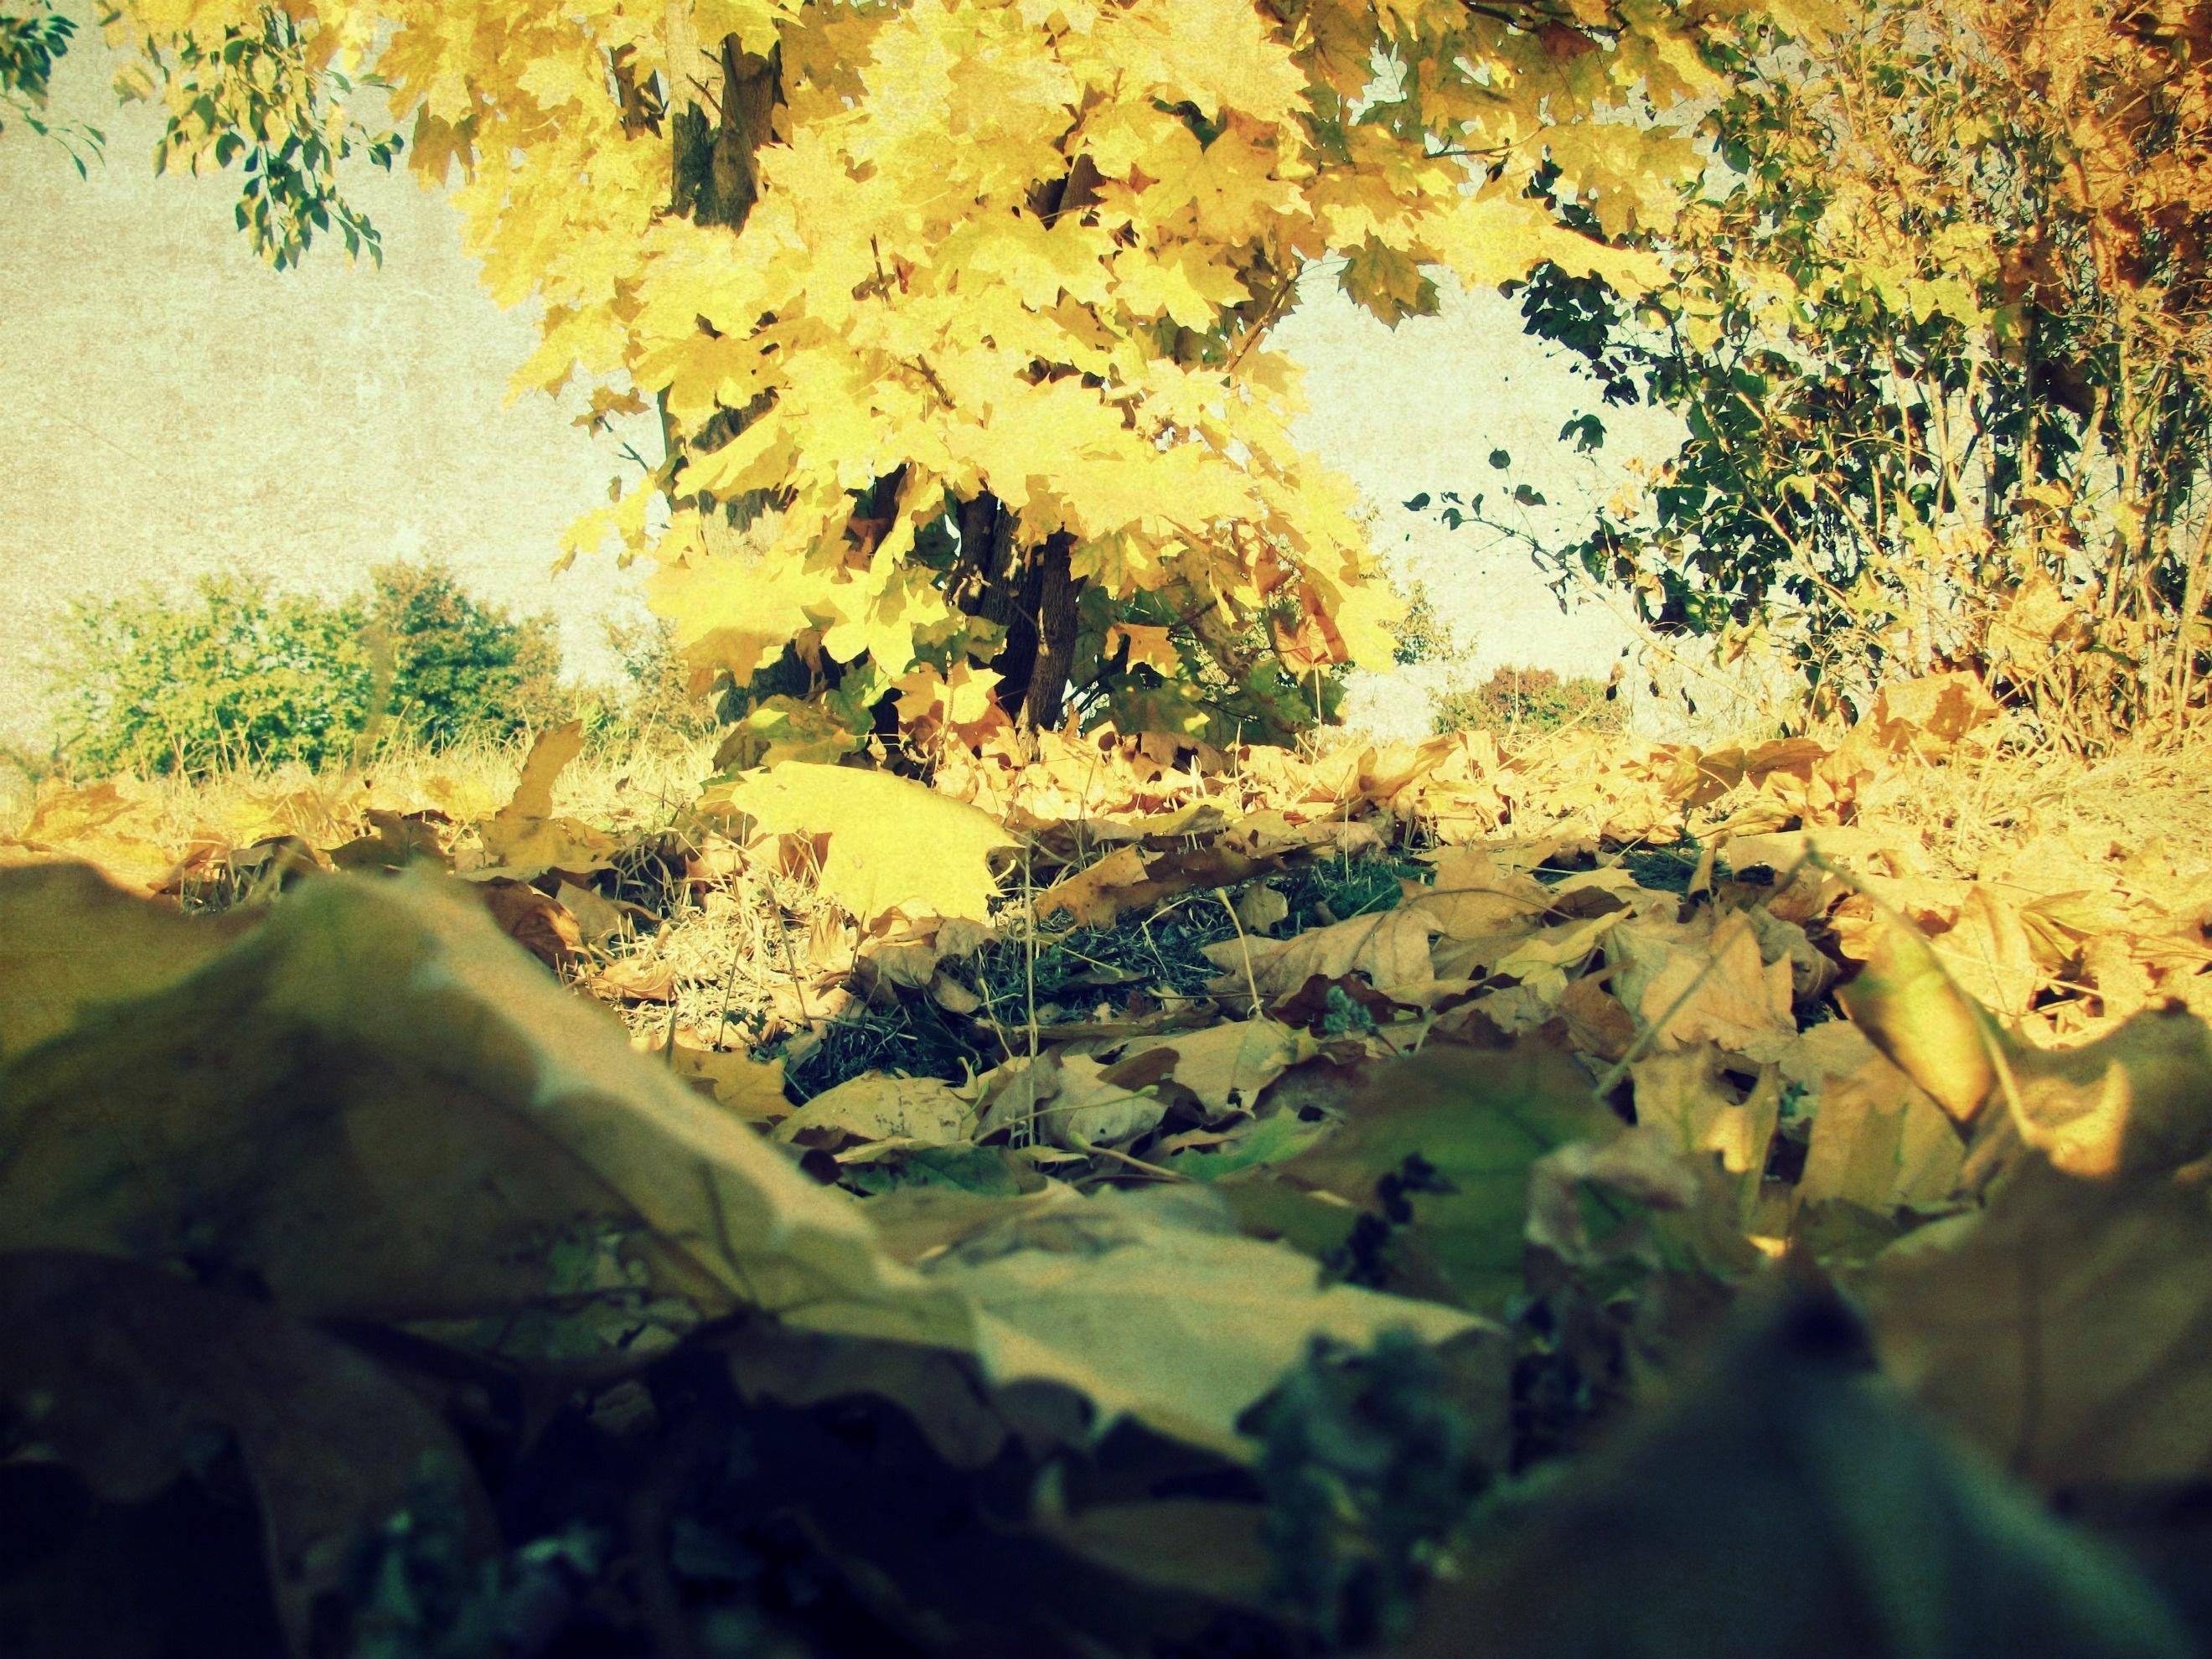 59378 скачать обои Природа, Листва, Осень, Клен, Ворох, Трава, Дерево - заставки и картинки бесплатно